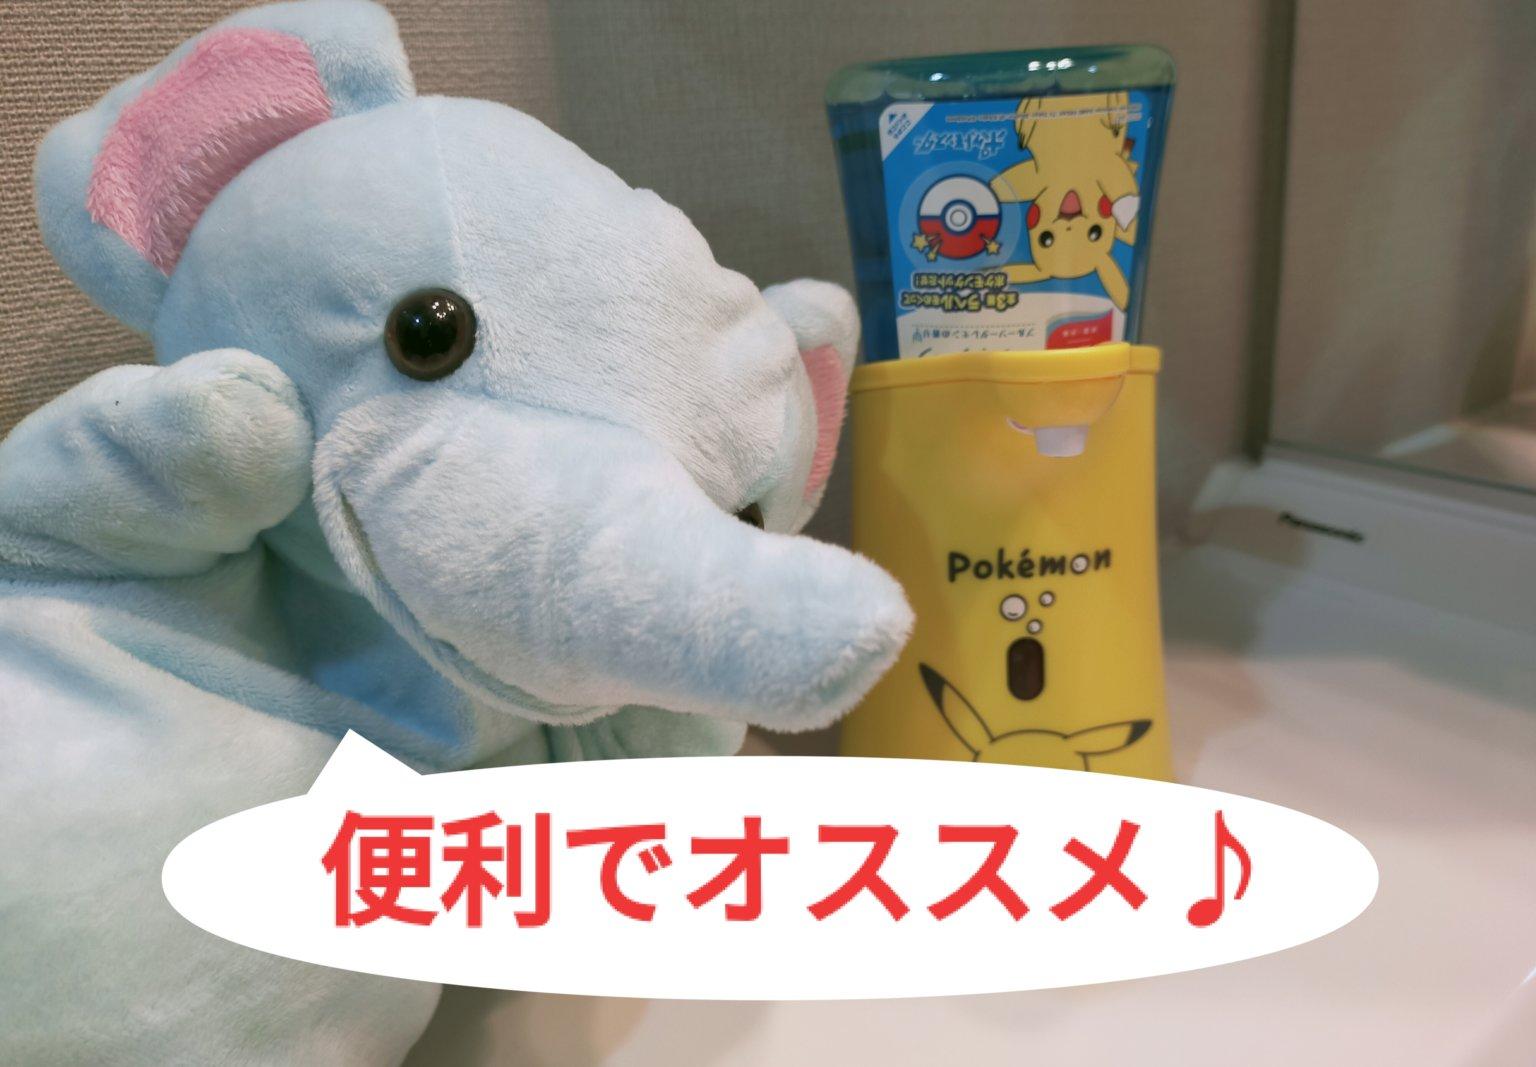 【 ポケモン】ノータッチ泡ハンドソープ♪子供も楽しく手洗い♪【 コロナウイルス感染対策】